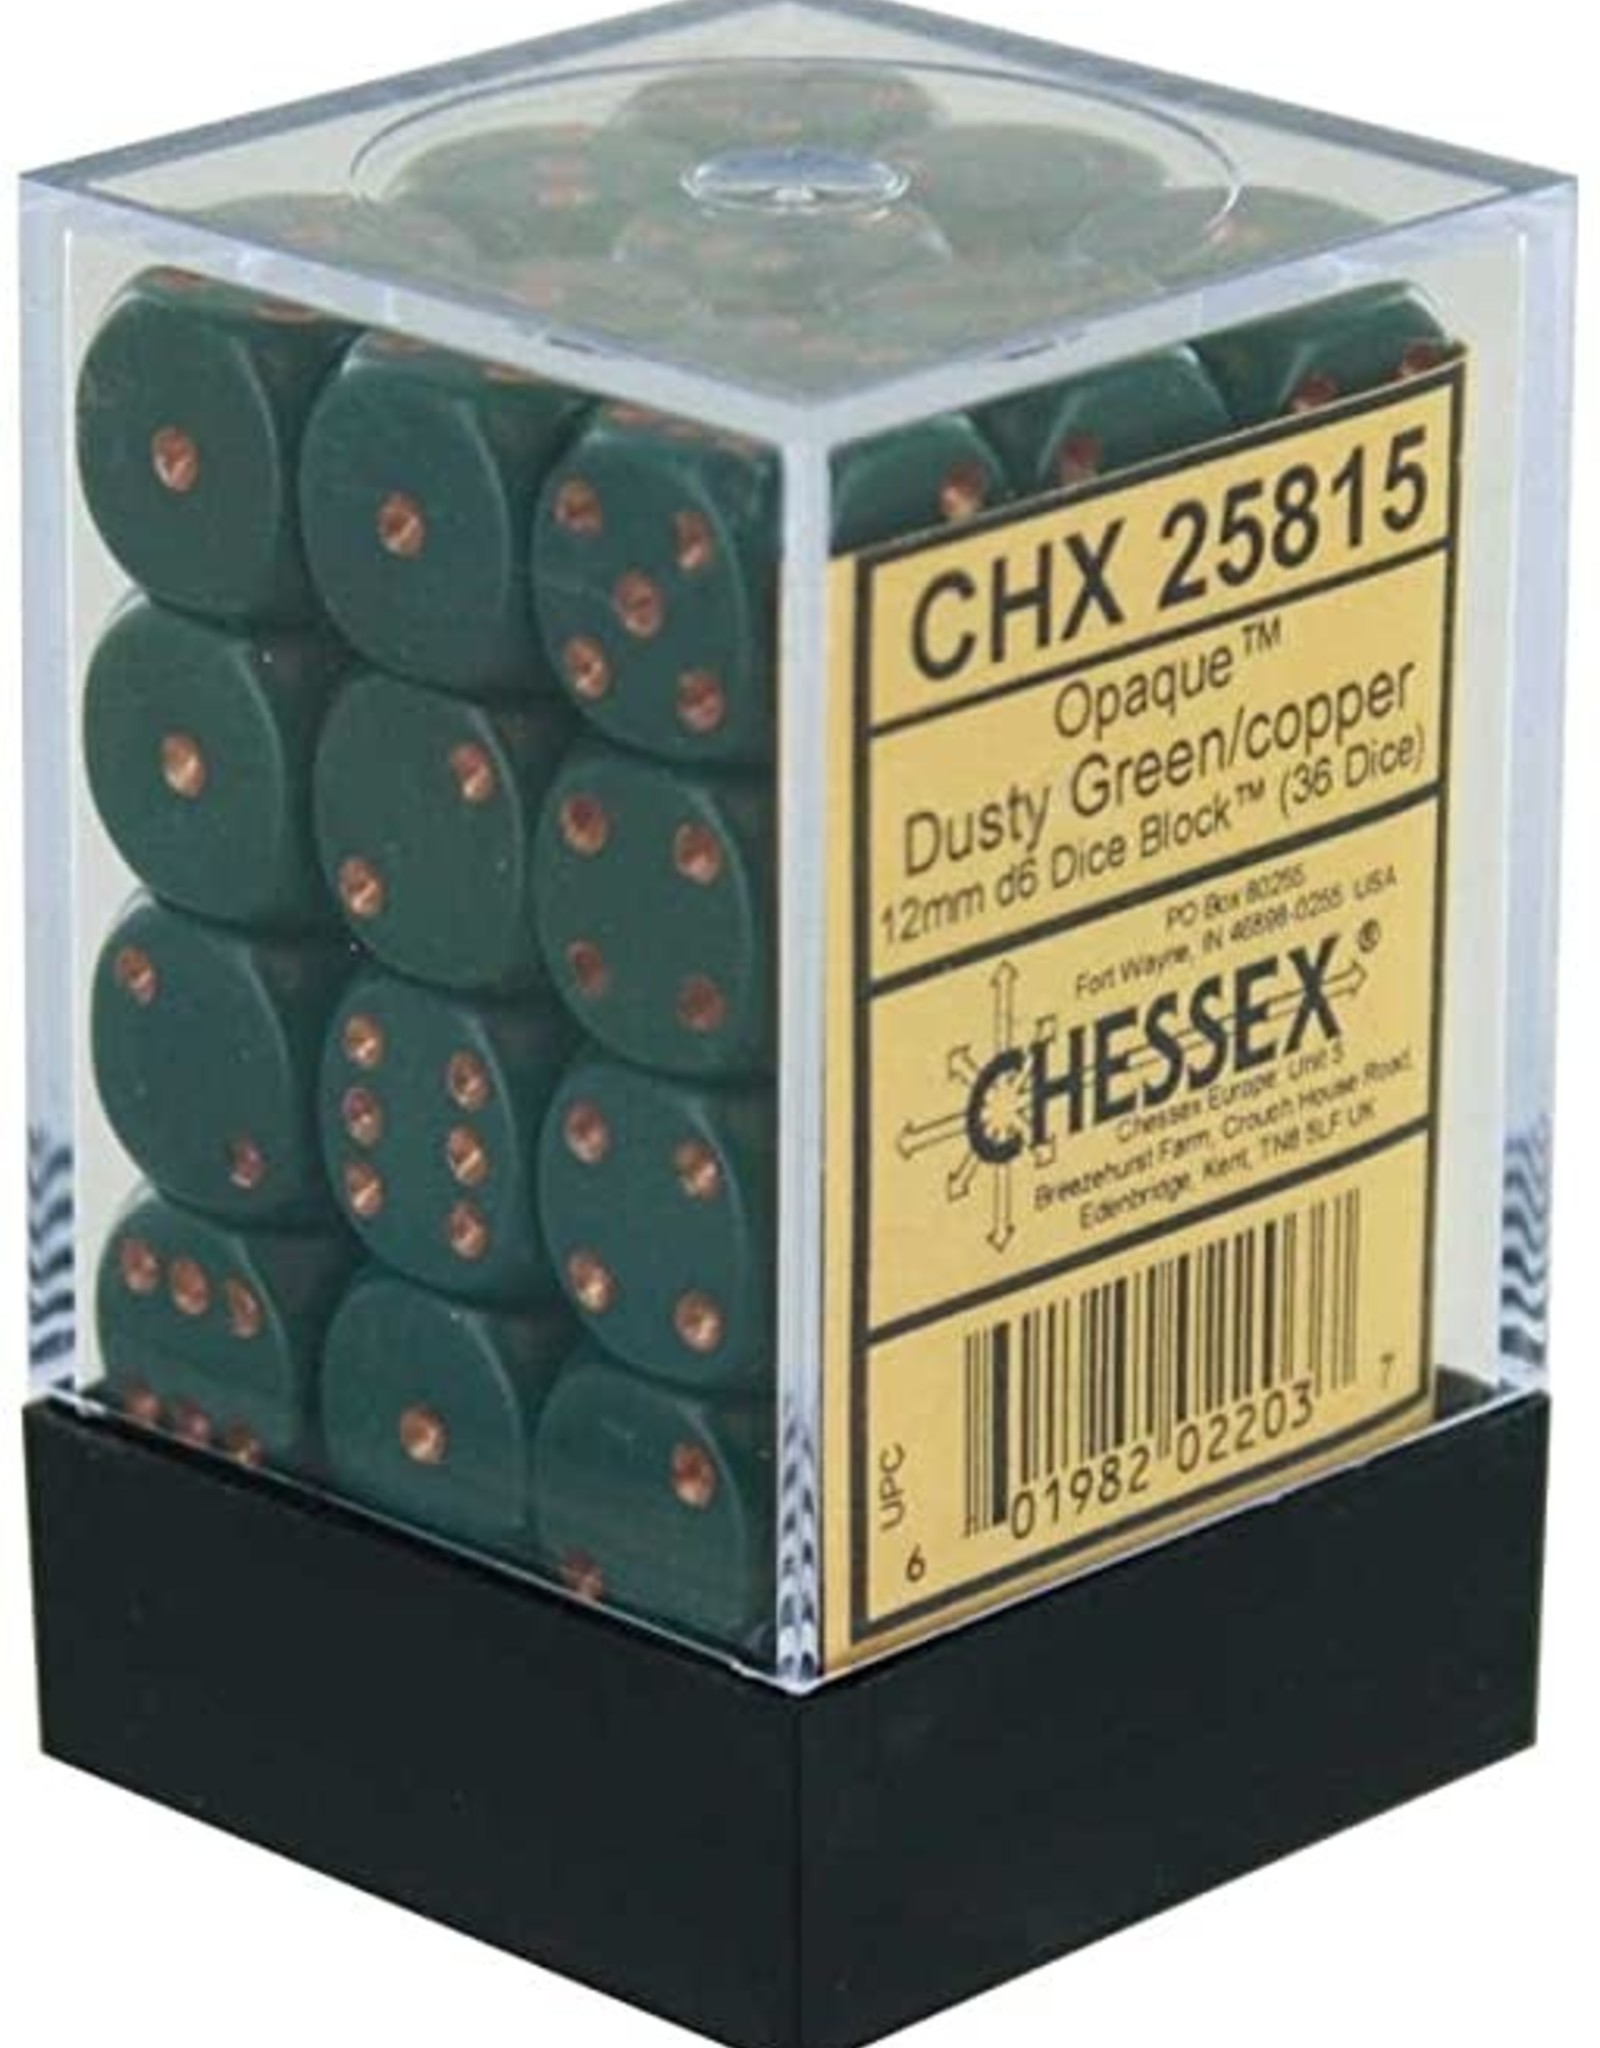 CHX 25815